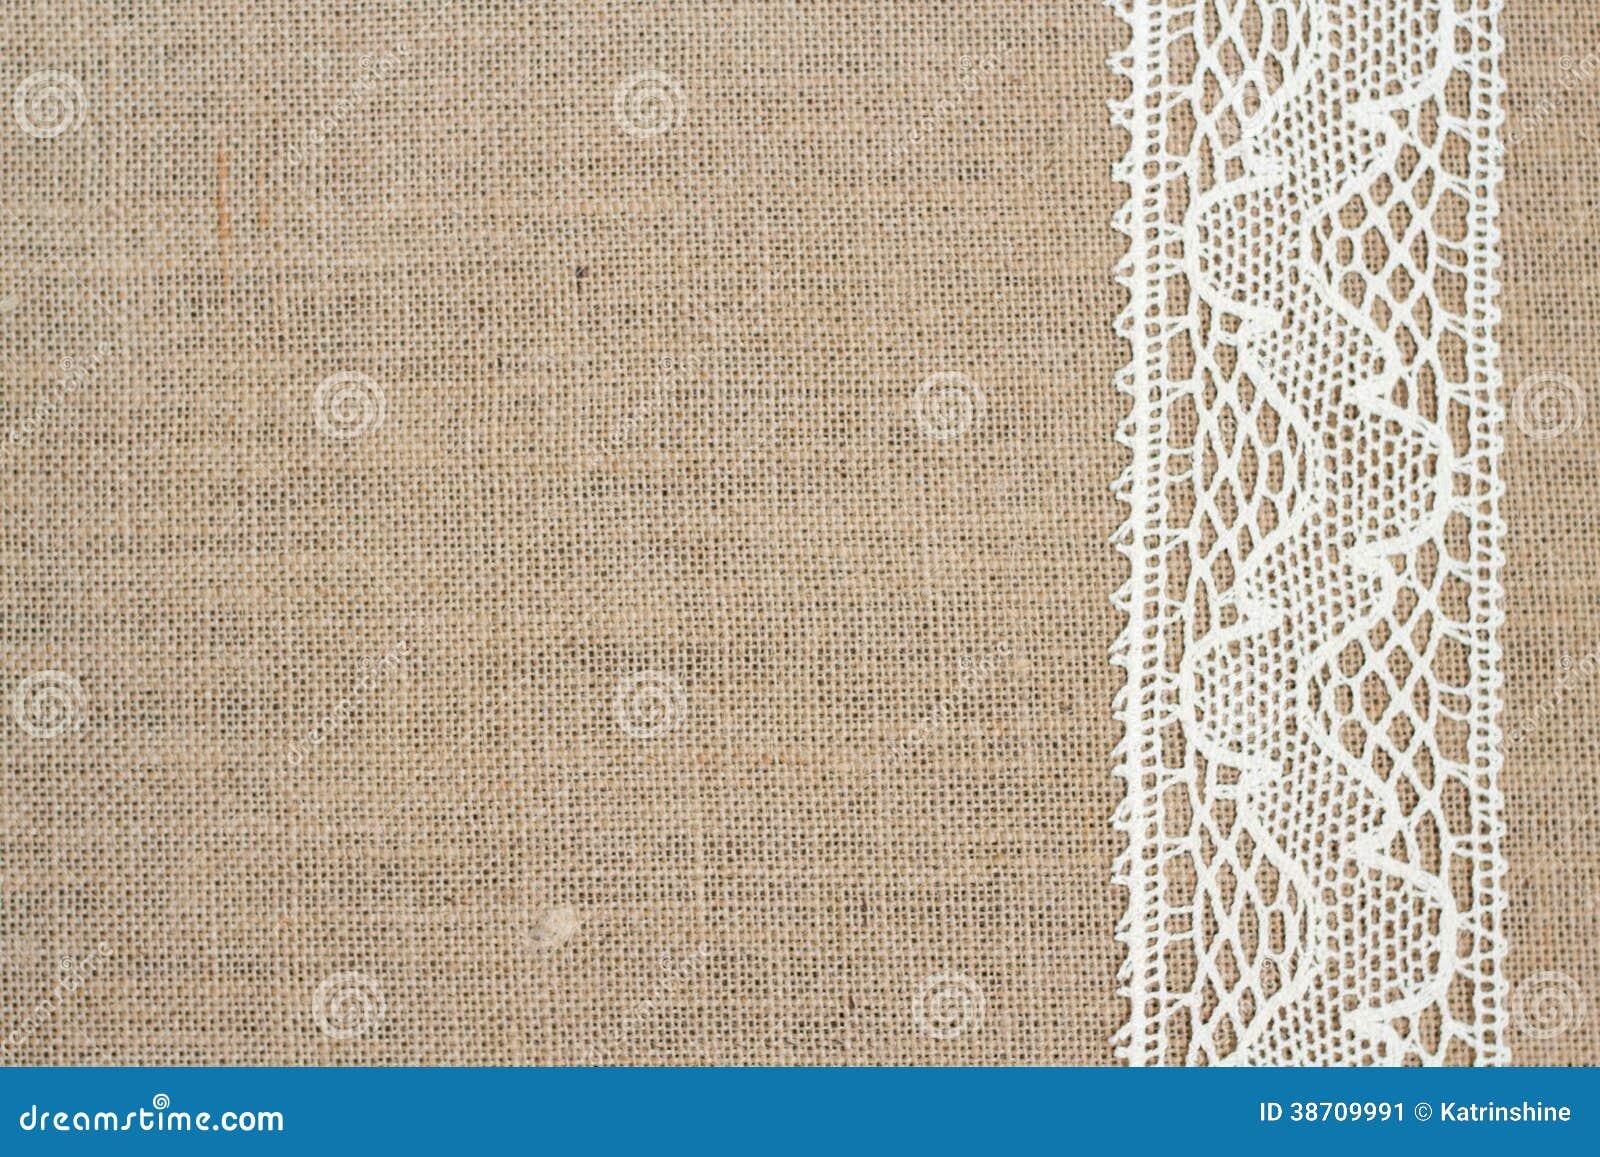 fond de toile de jute image stock image du lacy campagne. Black Bedroom Furniture Sets. Home Design Ideas